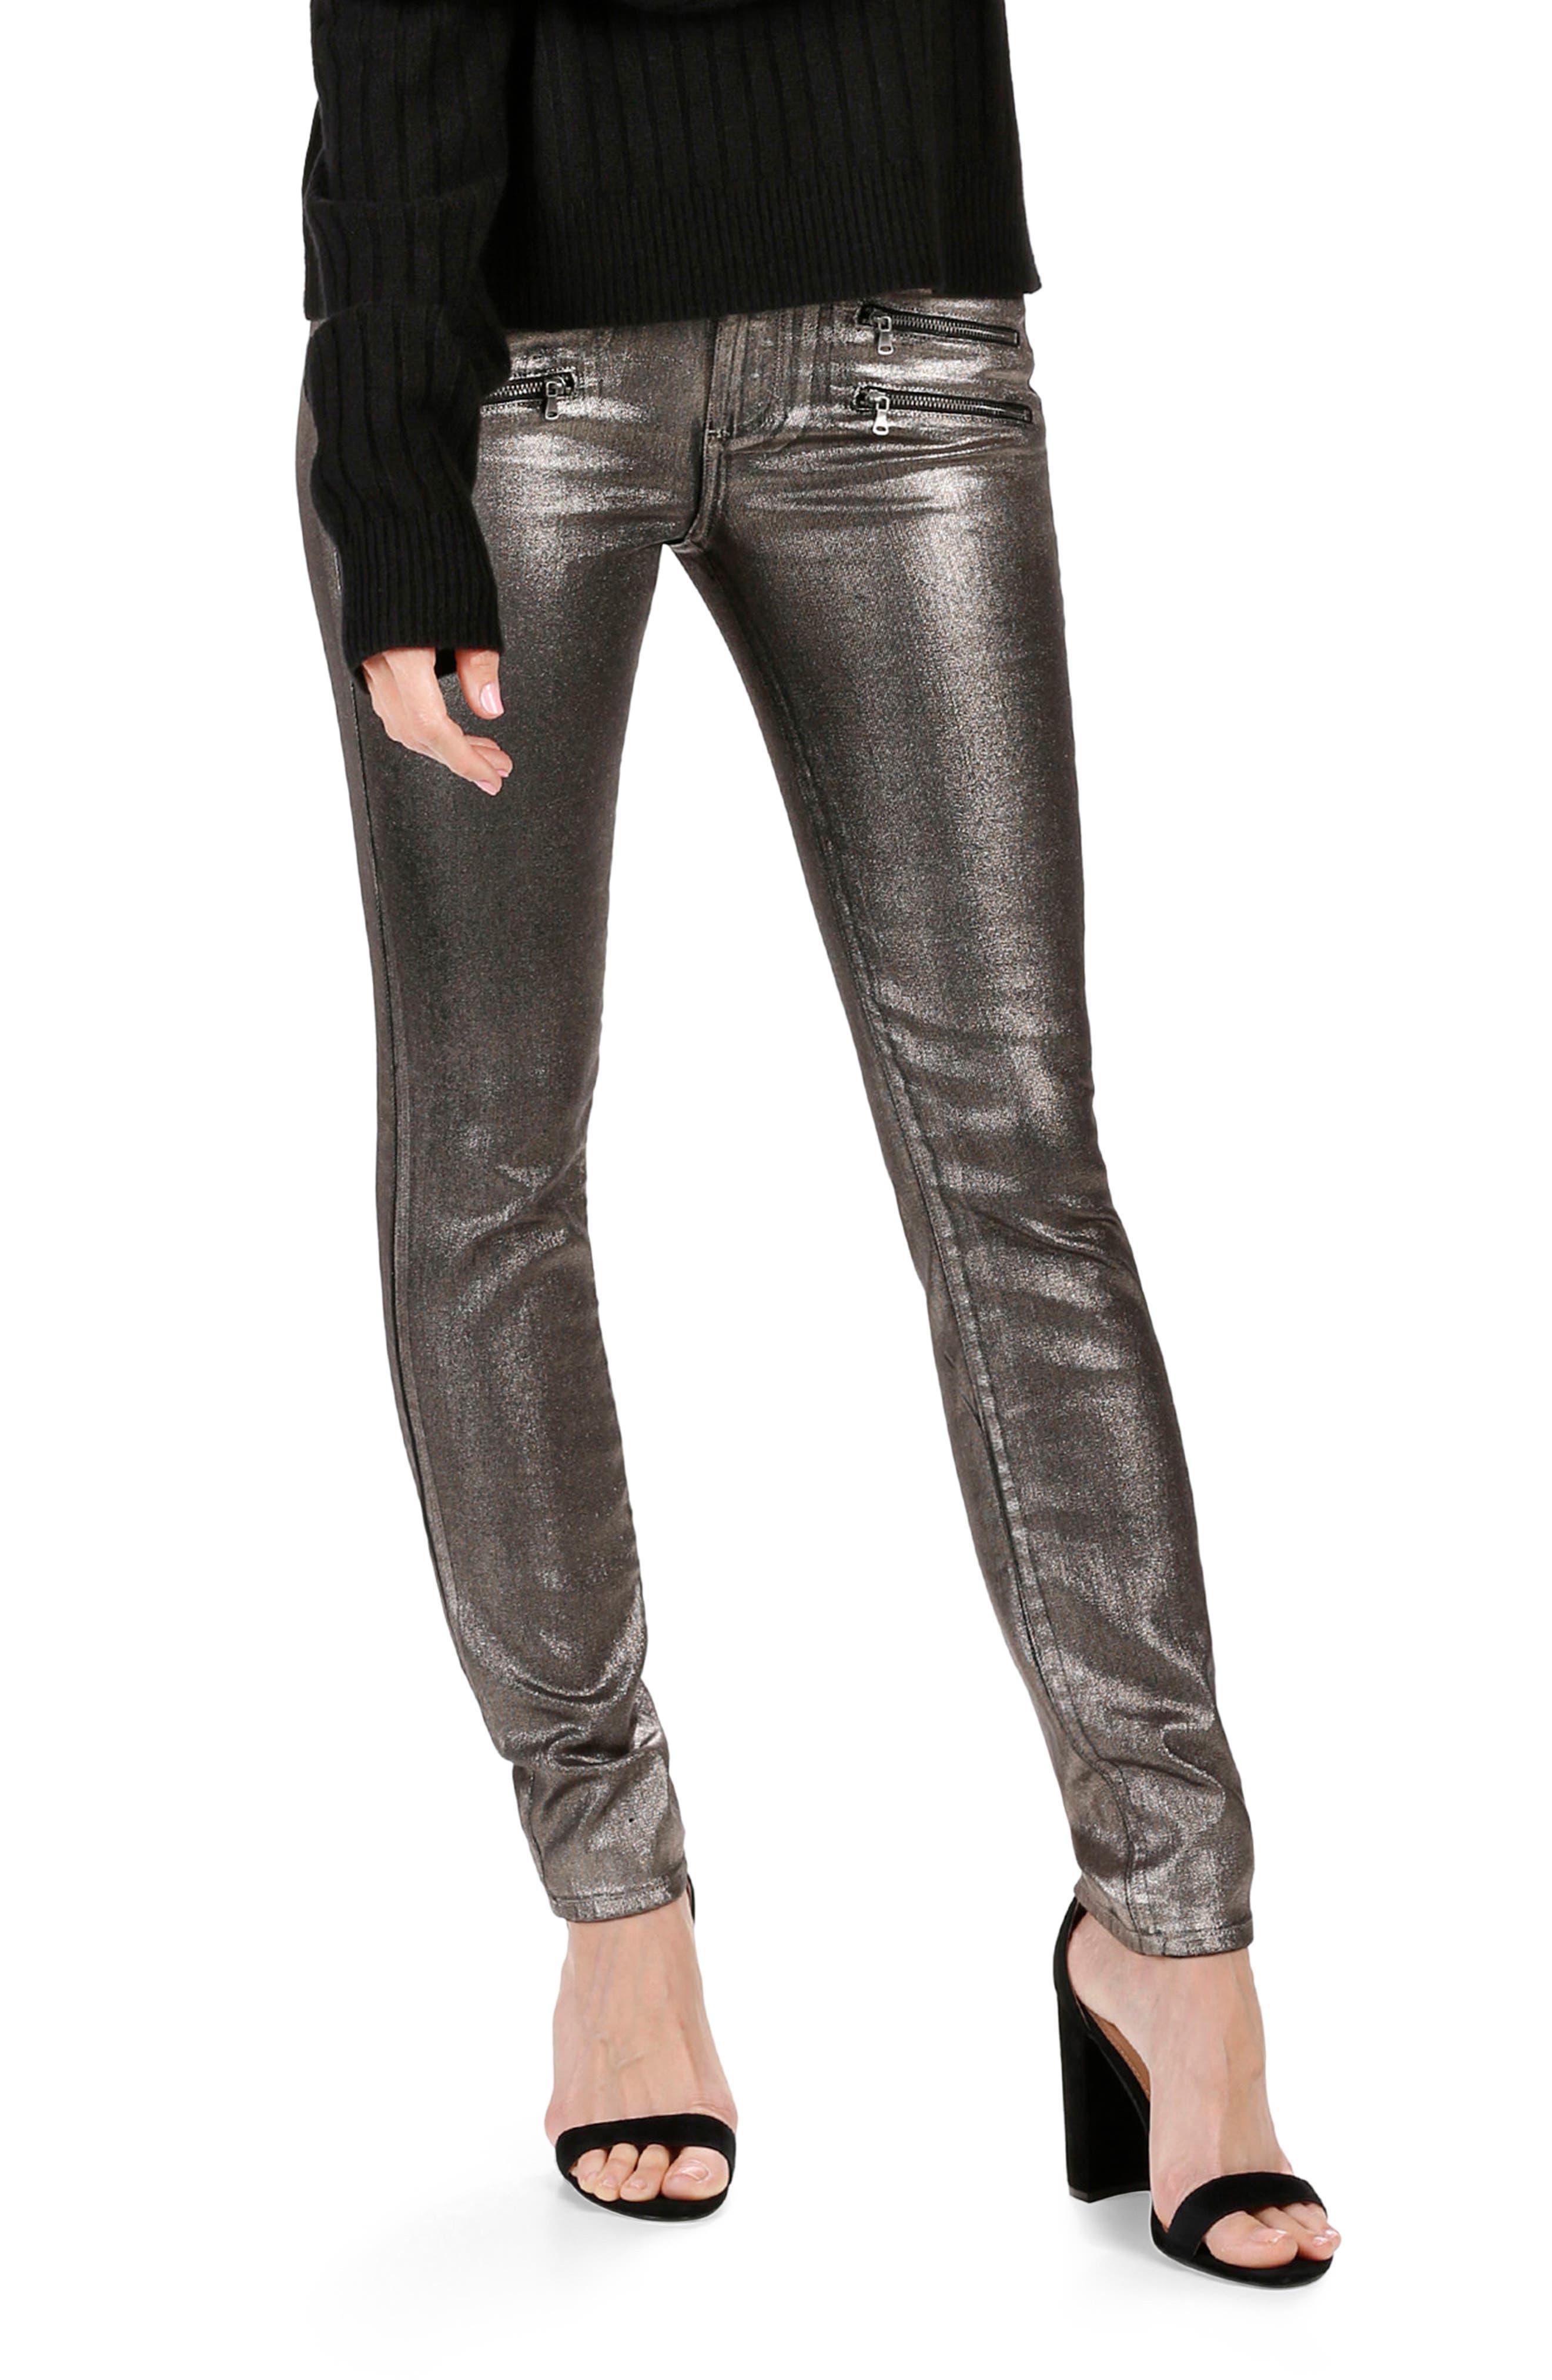 Rosie HW x PAIGE Stevie High Waist Skinny Jeans (Metallic Zebra)